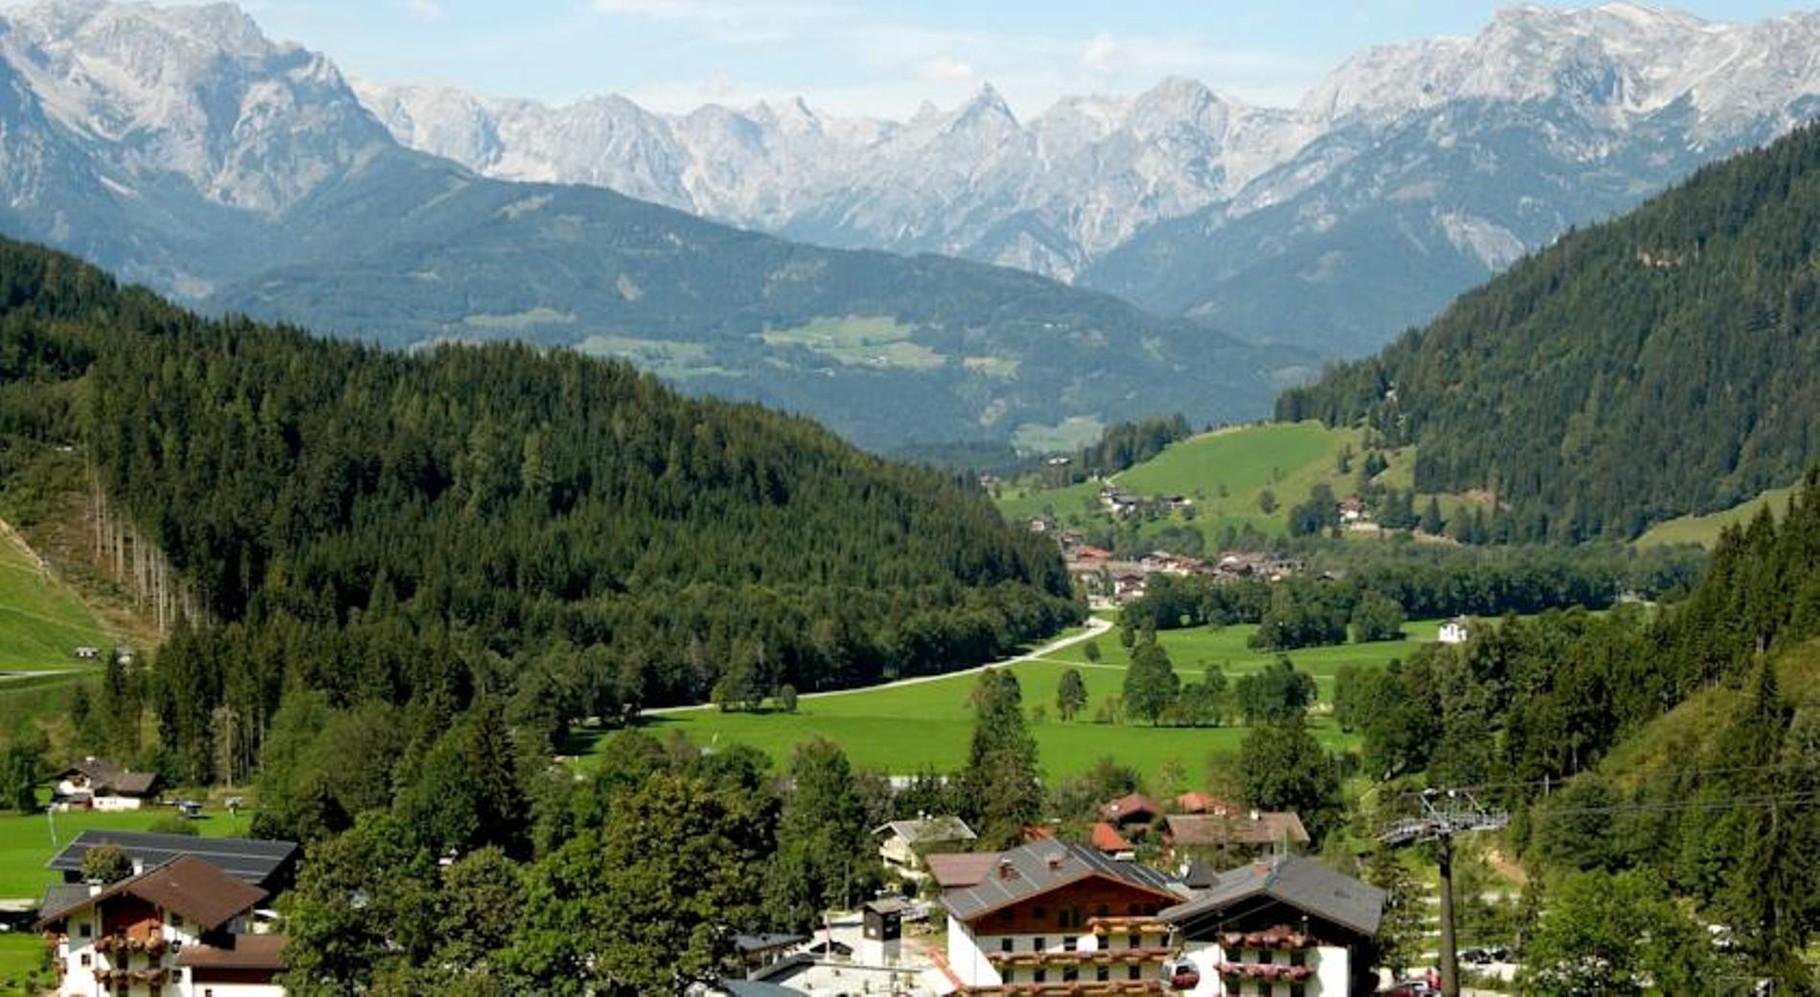 Bild: Ein langgezogenes Tal ohne Durchzugsverkehr